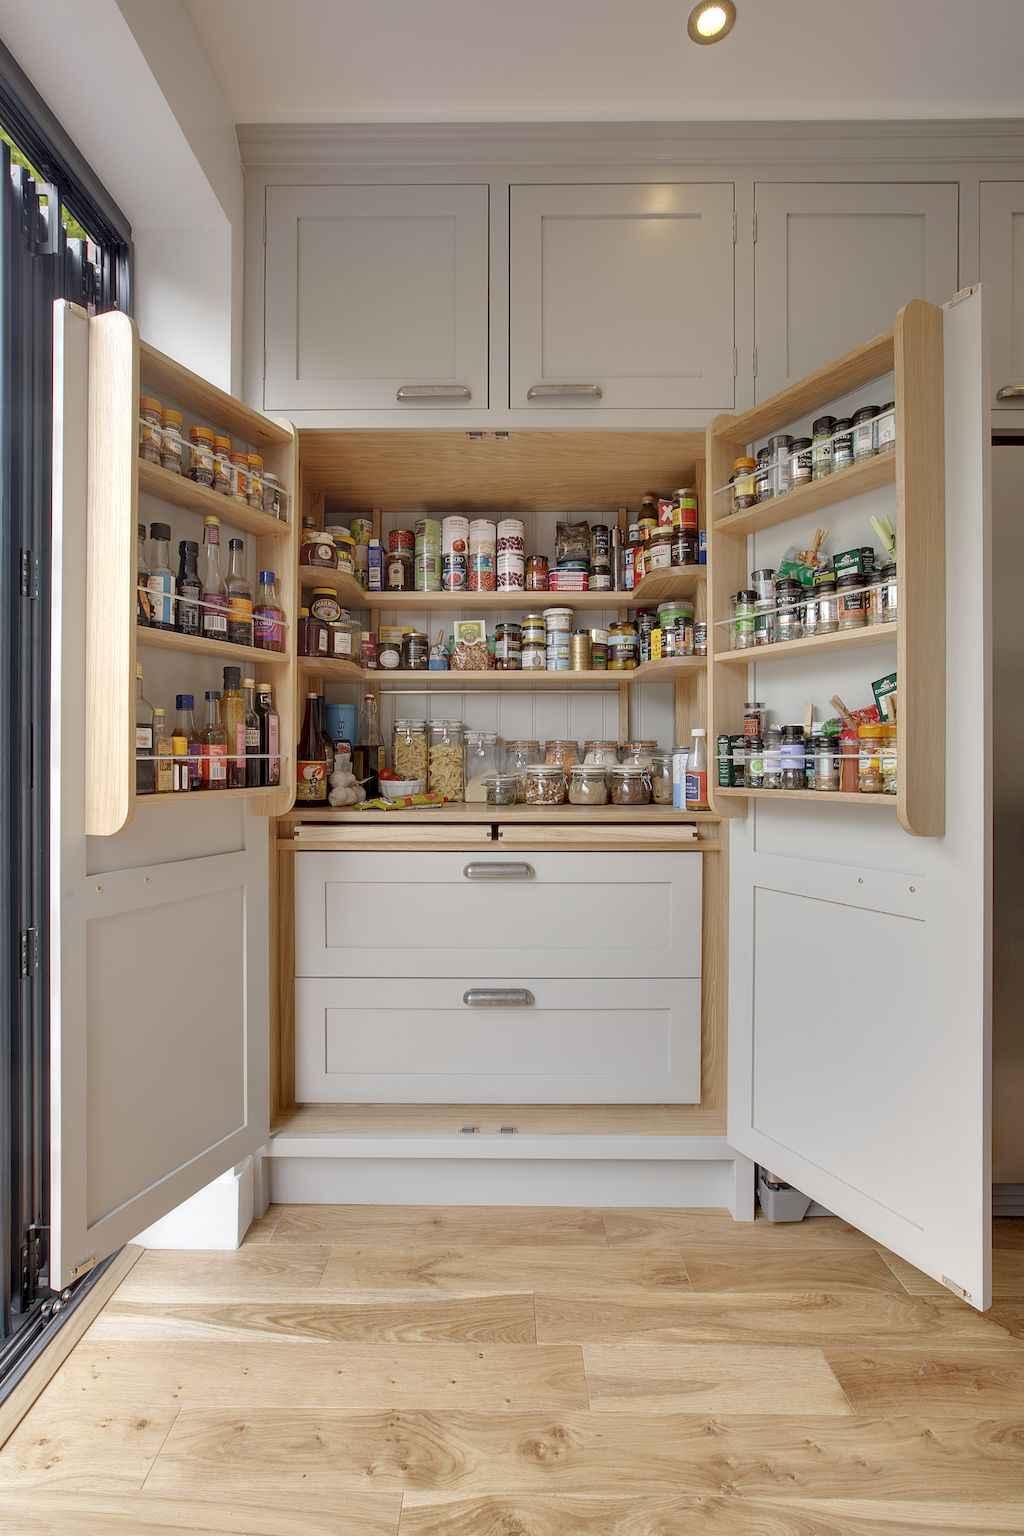 Ingenious hidden kitchen cabinet & storage solutions (31)